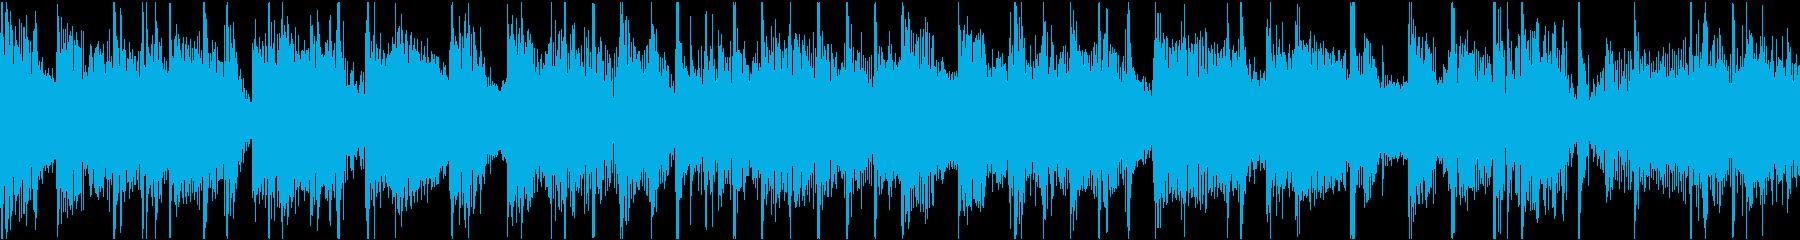 ゆっくりめな戦闘シーンの再生済みの波形